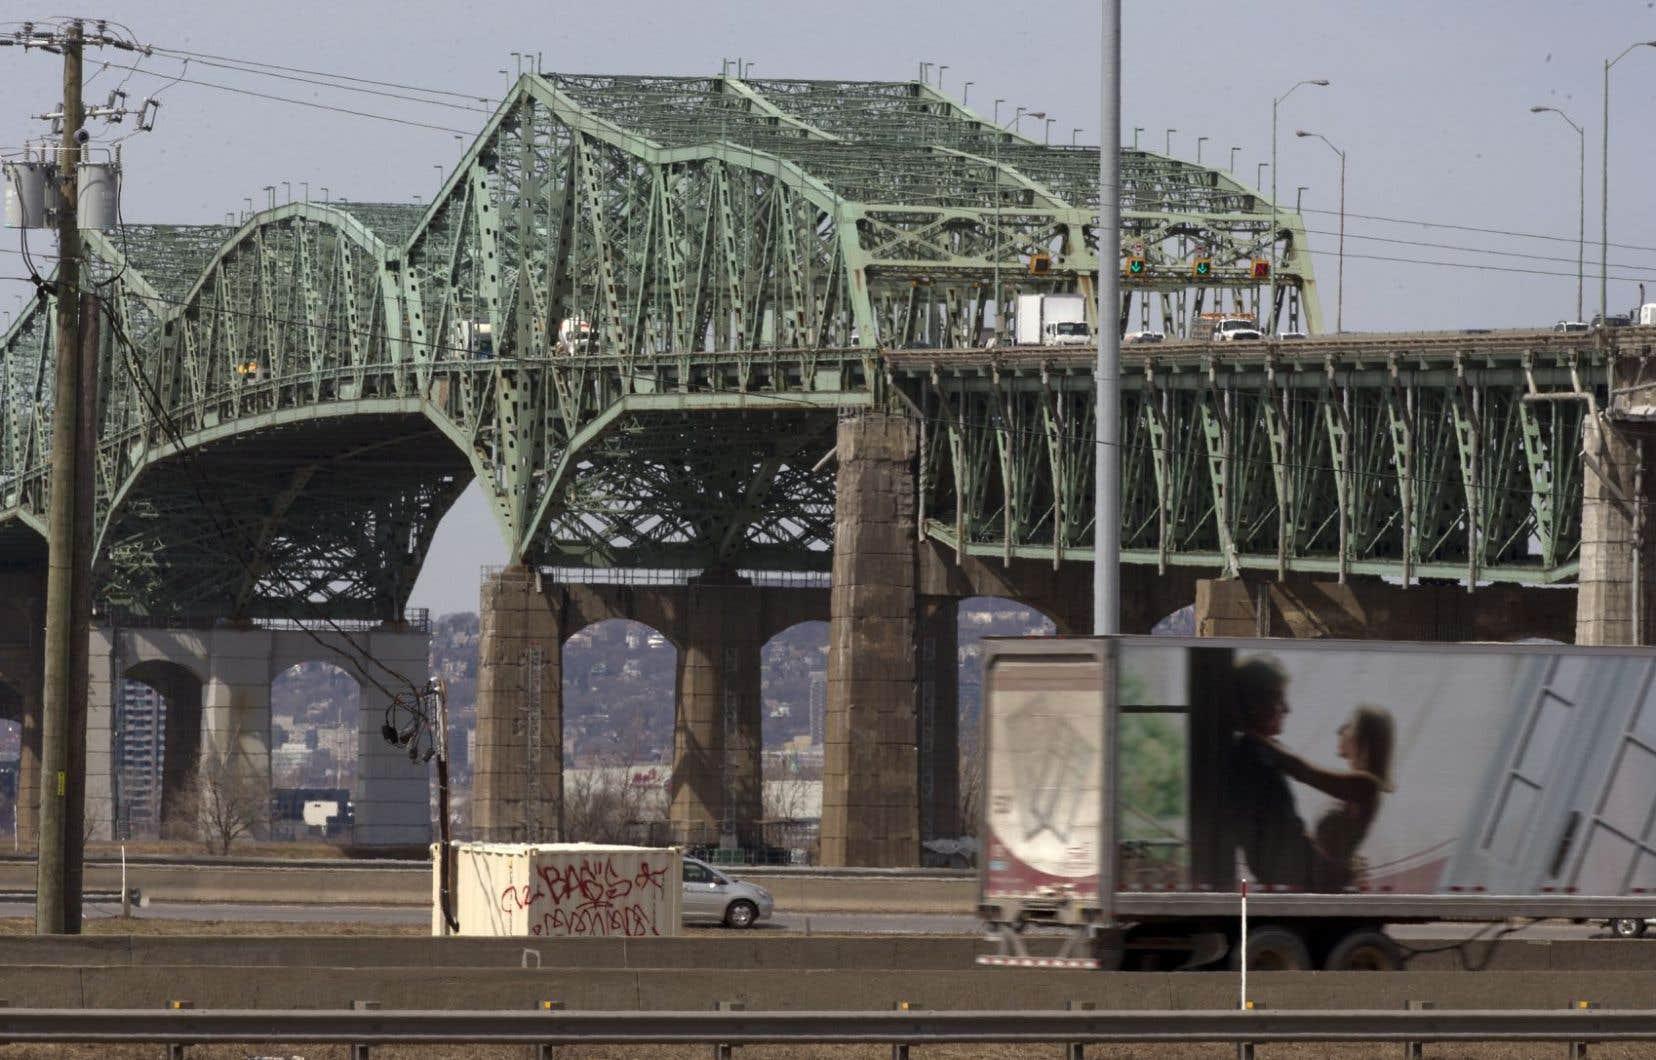 Il y a trois semaines, le nom de Maurice Richard avait été enlevé de la réflexion du gouvernement fédéral pour le choix du nom du nouveau pont.